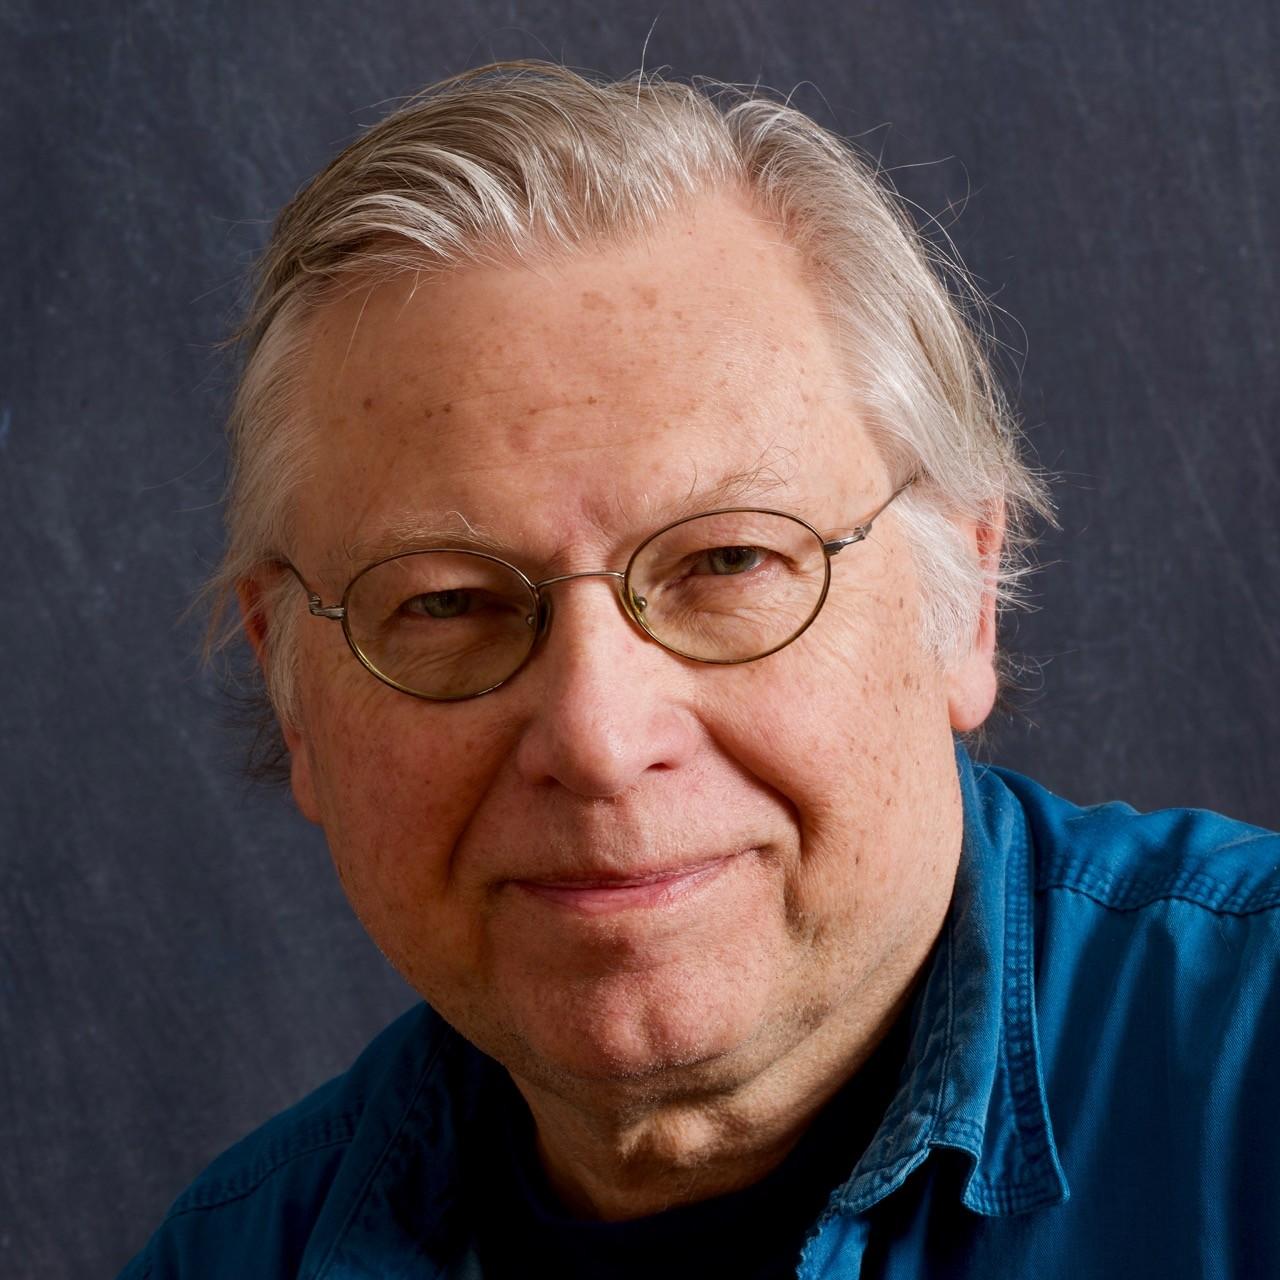 Paul Einarsen